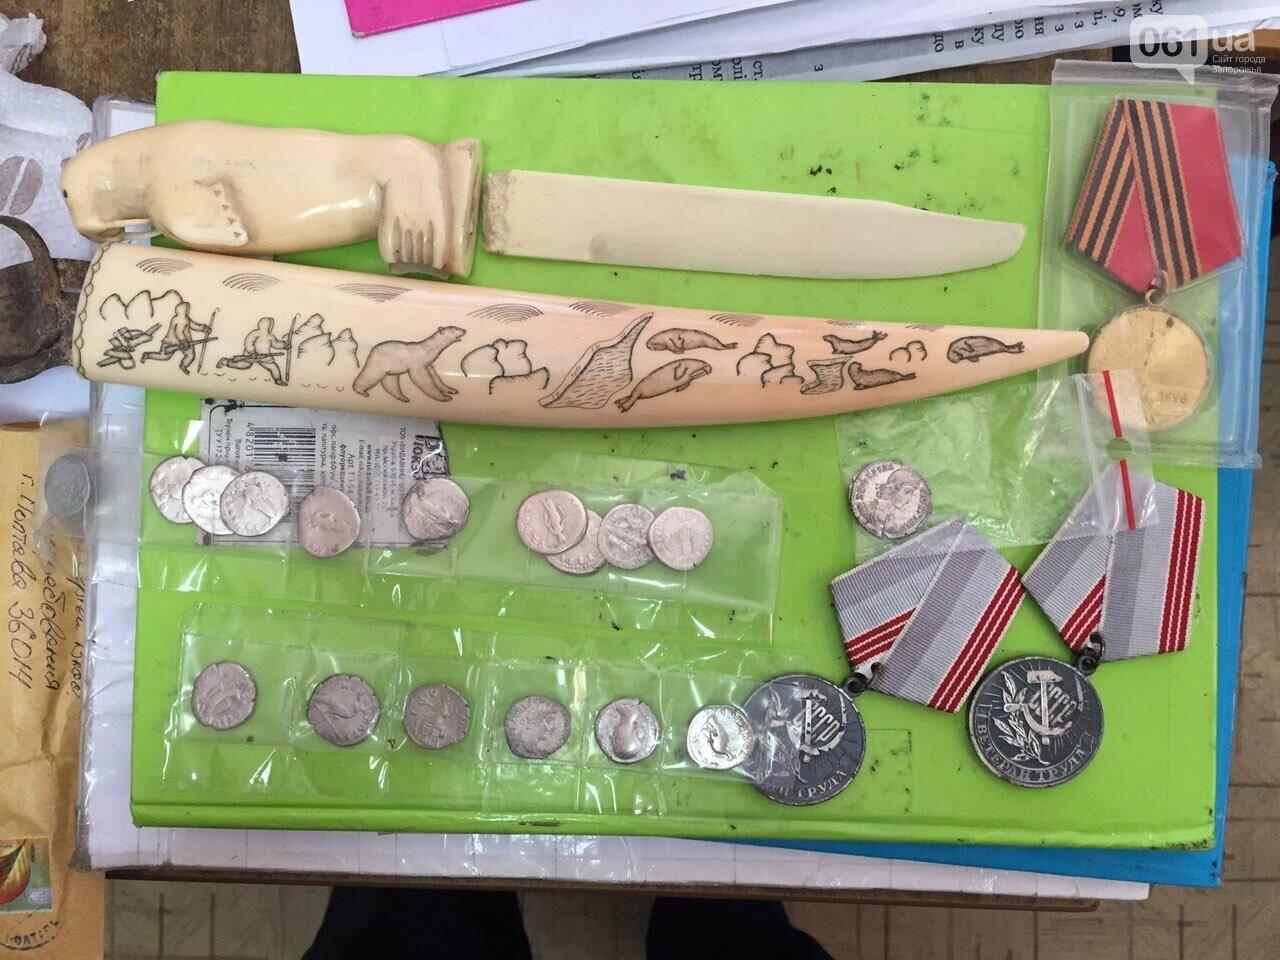 Запорожские таможенники нашли у женщины нож из бивня моржа, - ФОТО, фото-2